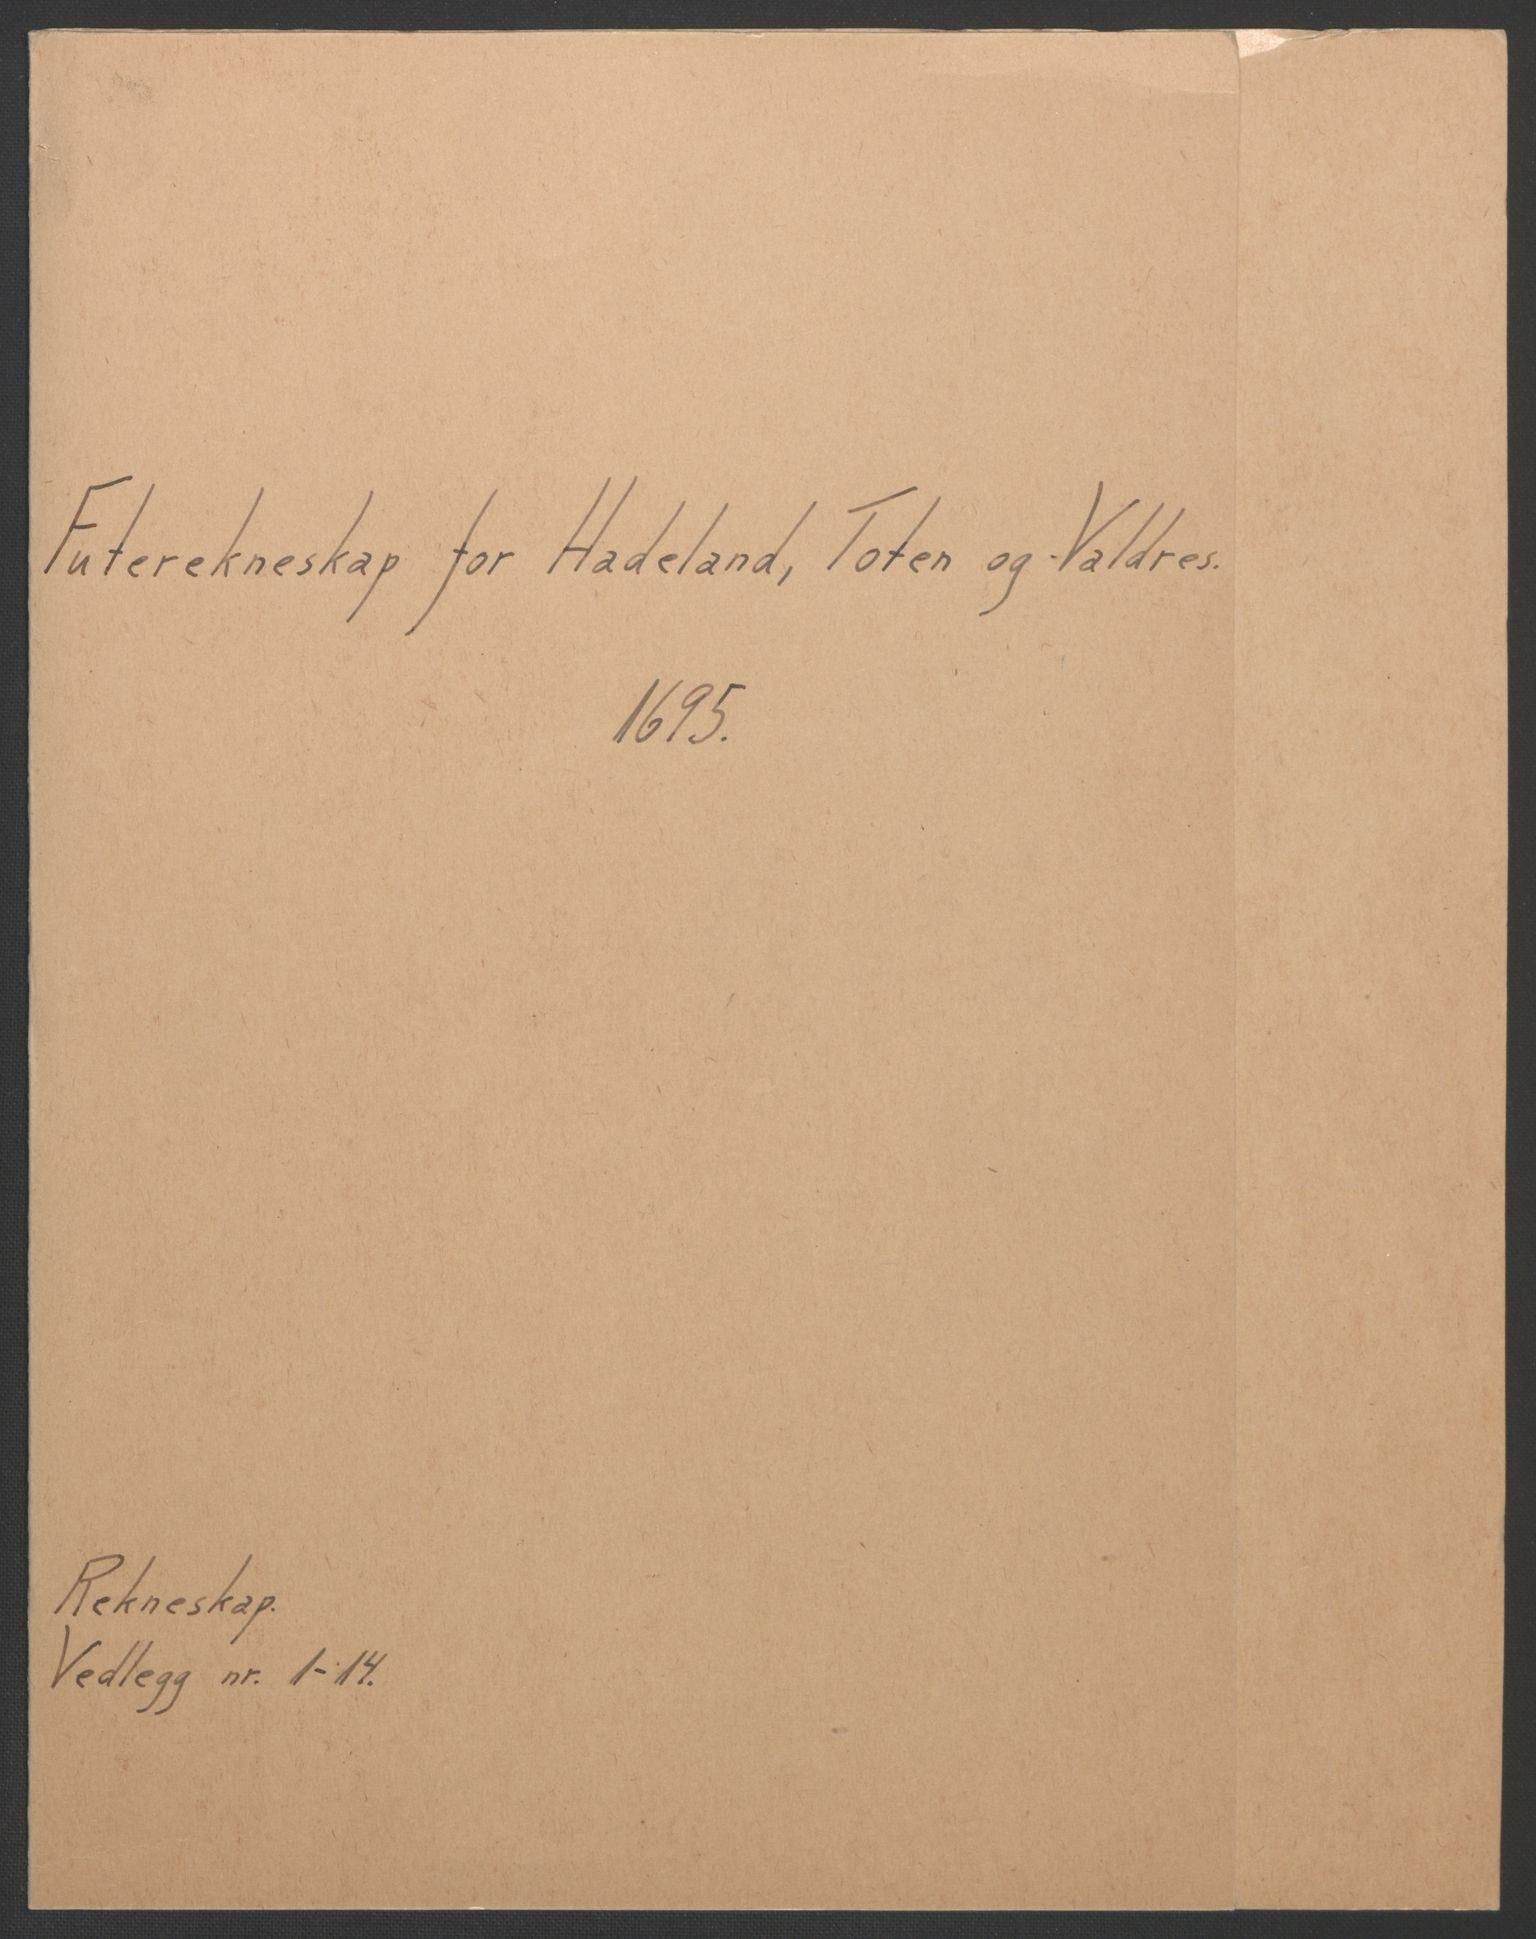 RA, Rentekammeret inntil 1814, Reviderte regnskaper, Fogderegnskap, R18/L1293: Fogderegnskap Hadeland, Toten og Valdres, 1695, s. 2